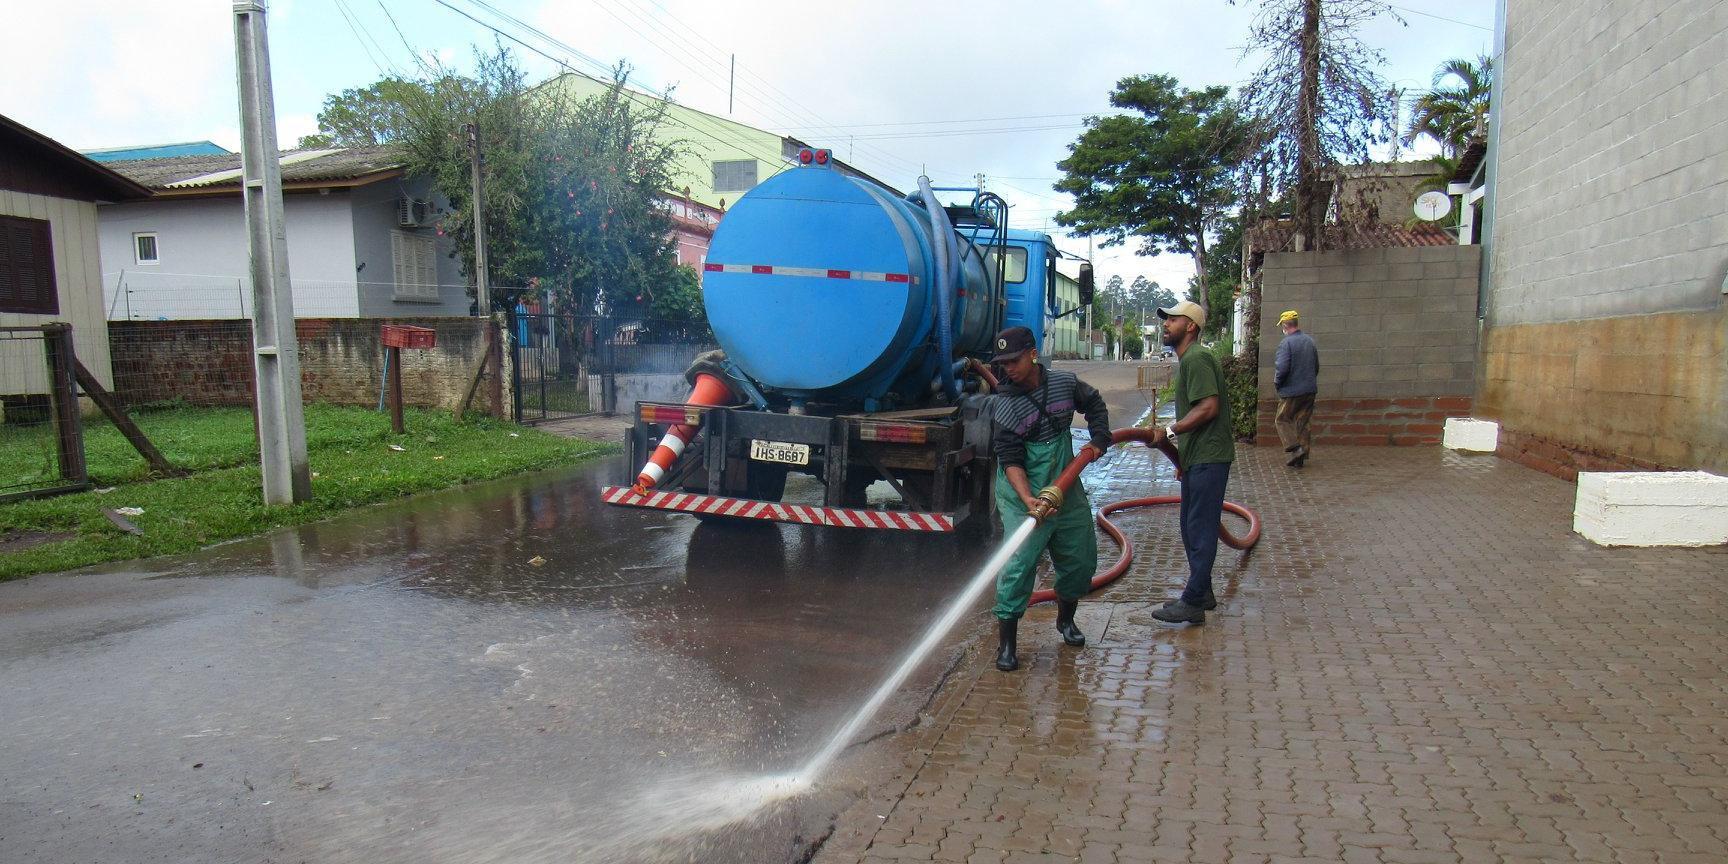 Secretaria Municipal de Obras iniciou o trabalho de limpeza, lavagem e recolhimento de lixo no município